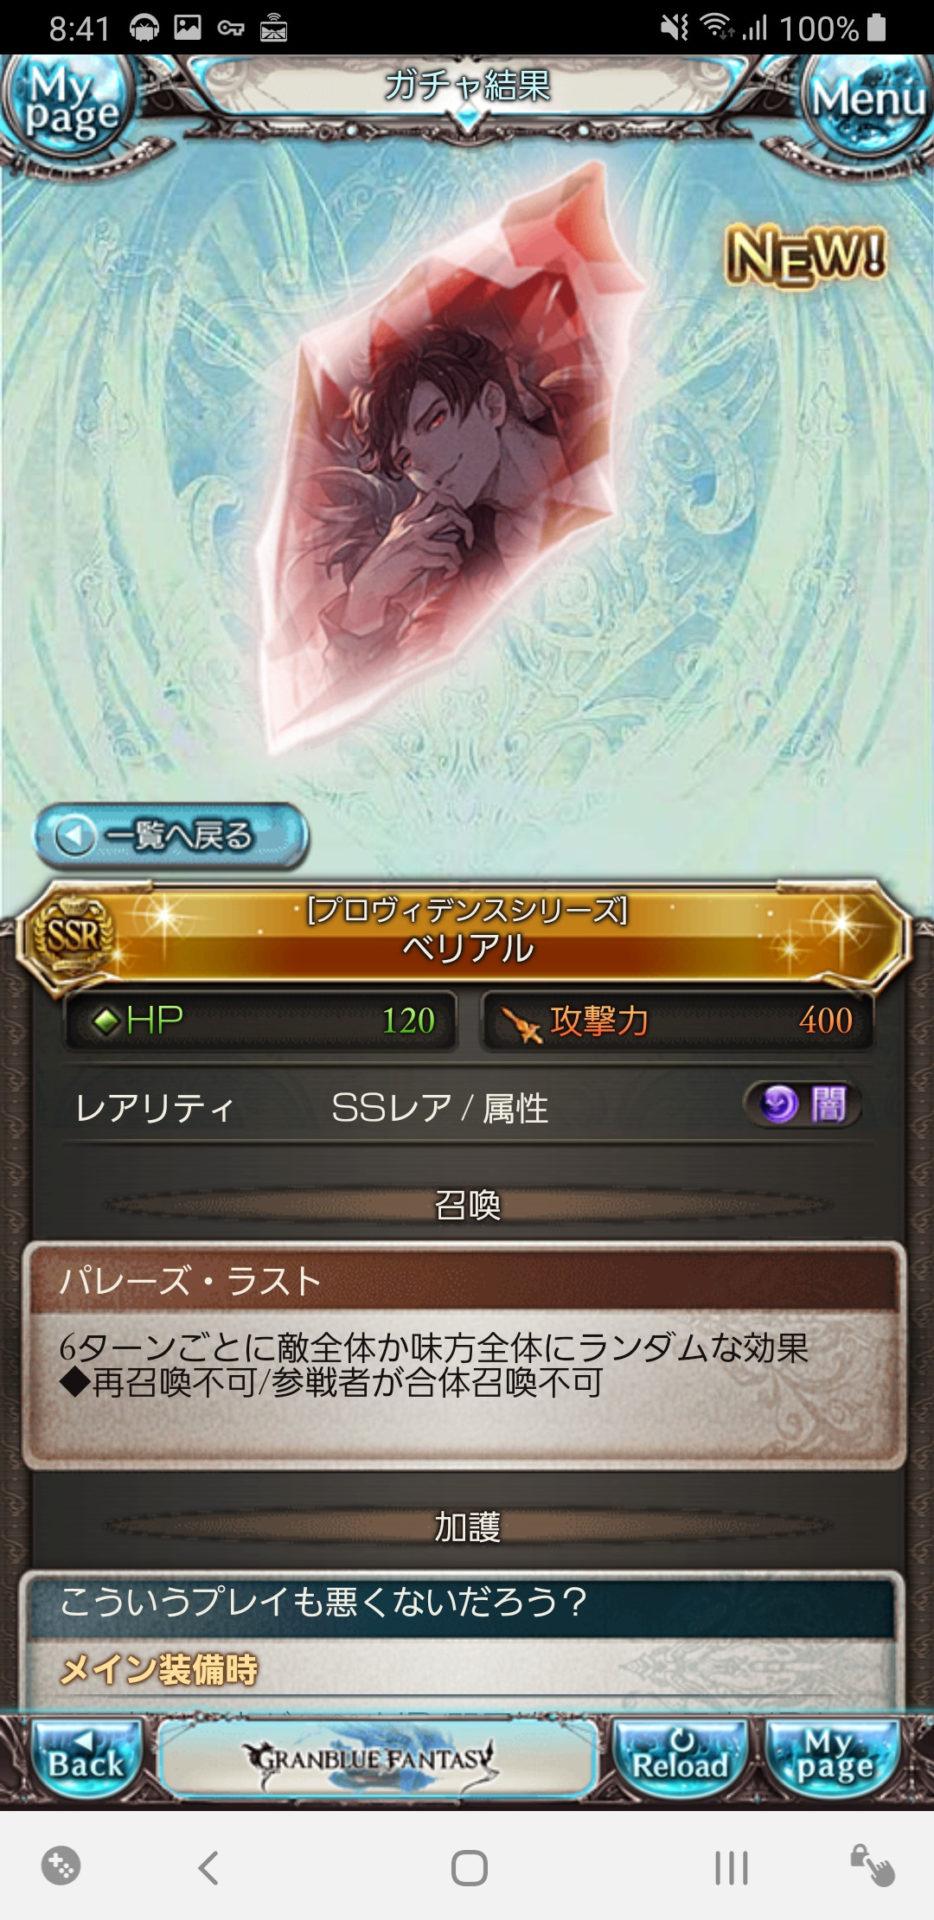 【悲報】グラブルユーザーさん、ガチャで54万円費やすも目的の物がでず大爆死・・・・